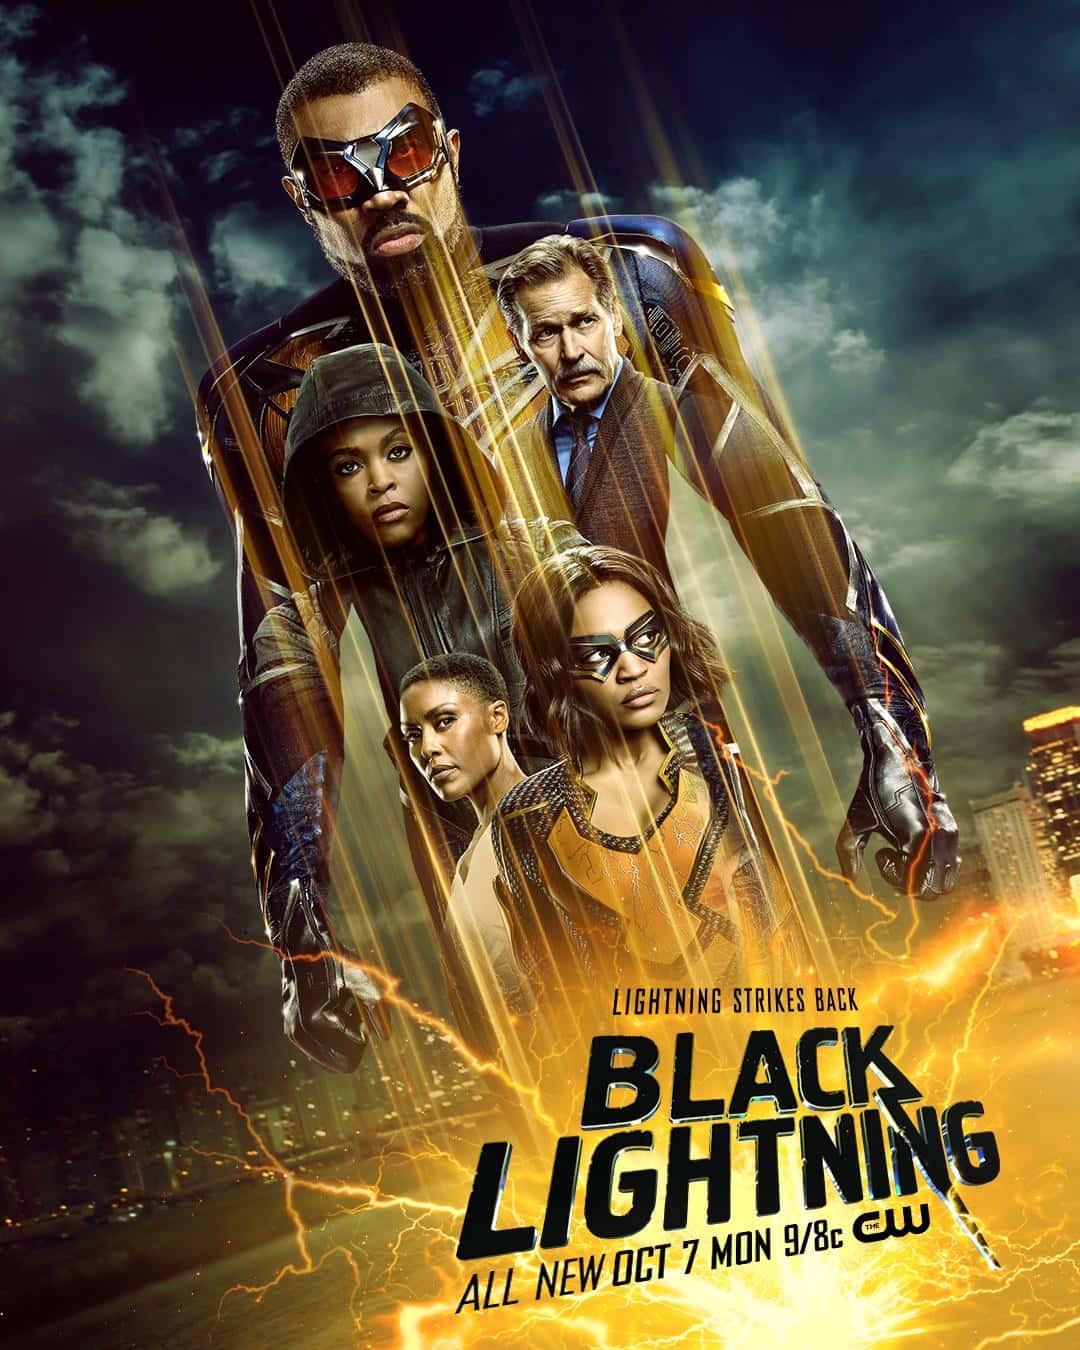 مسلسل Black Lightning الموسم الثالث الحلقة 15 الخامسة عشر مترجمة